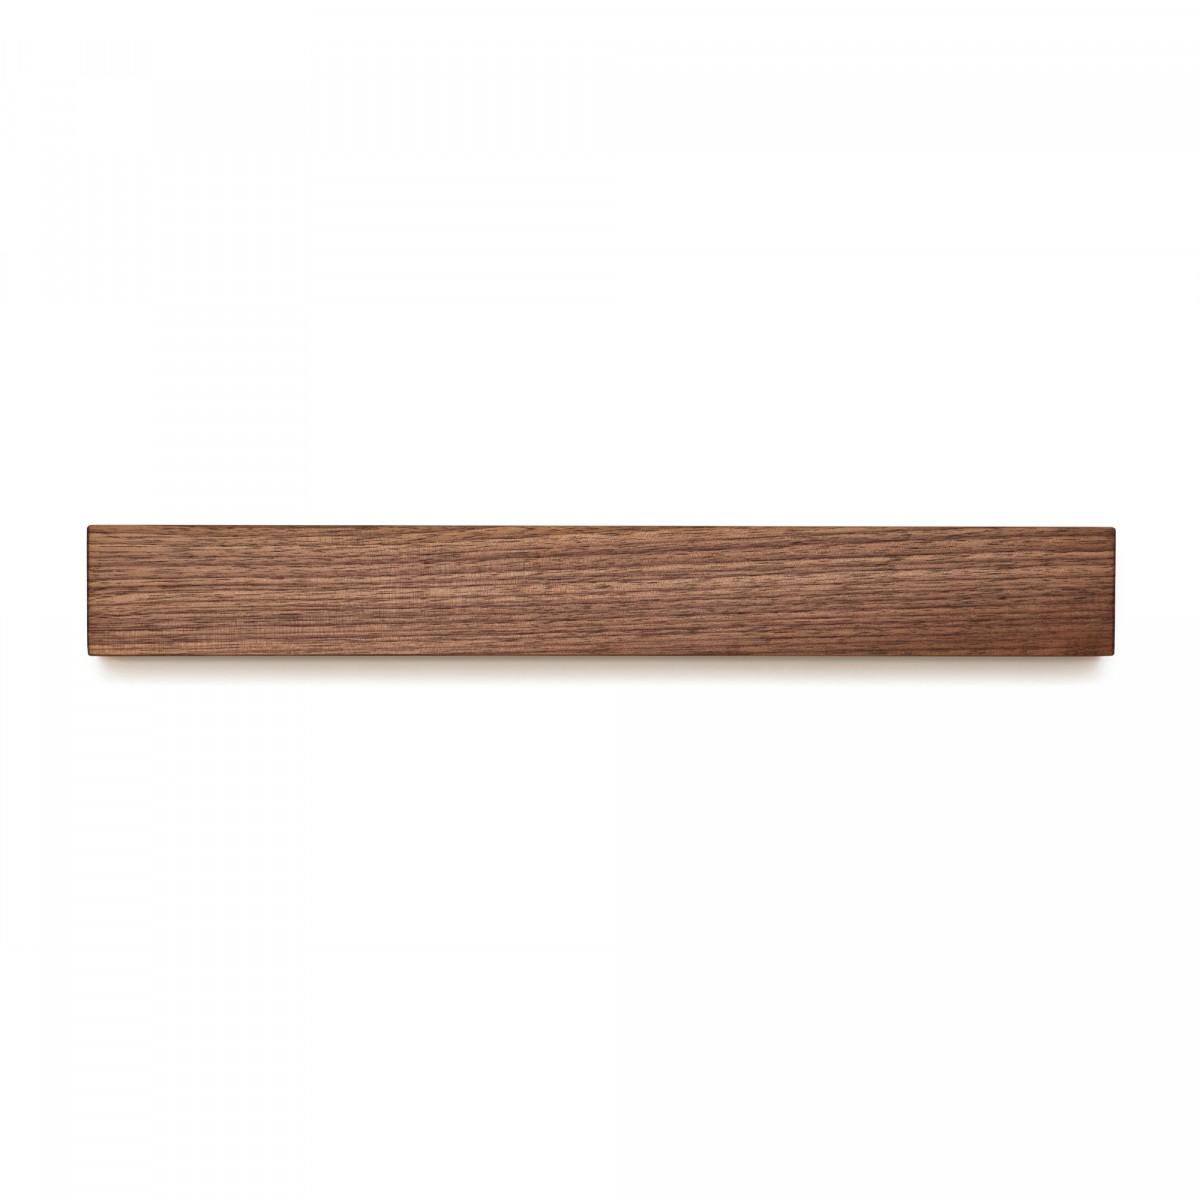 klotzaufklotz Messerleiste Nussbaum, 46 cm